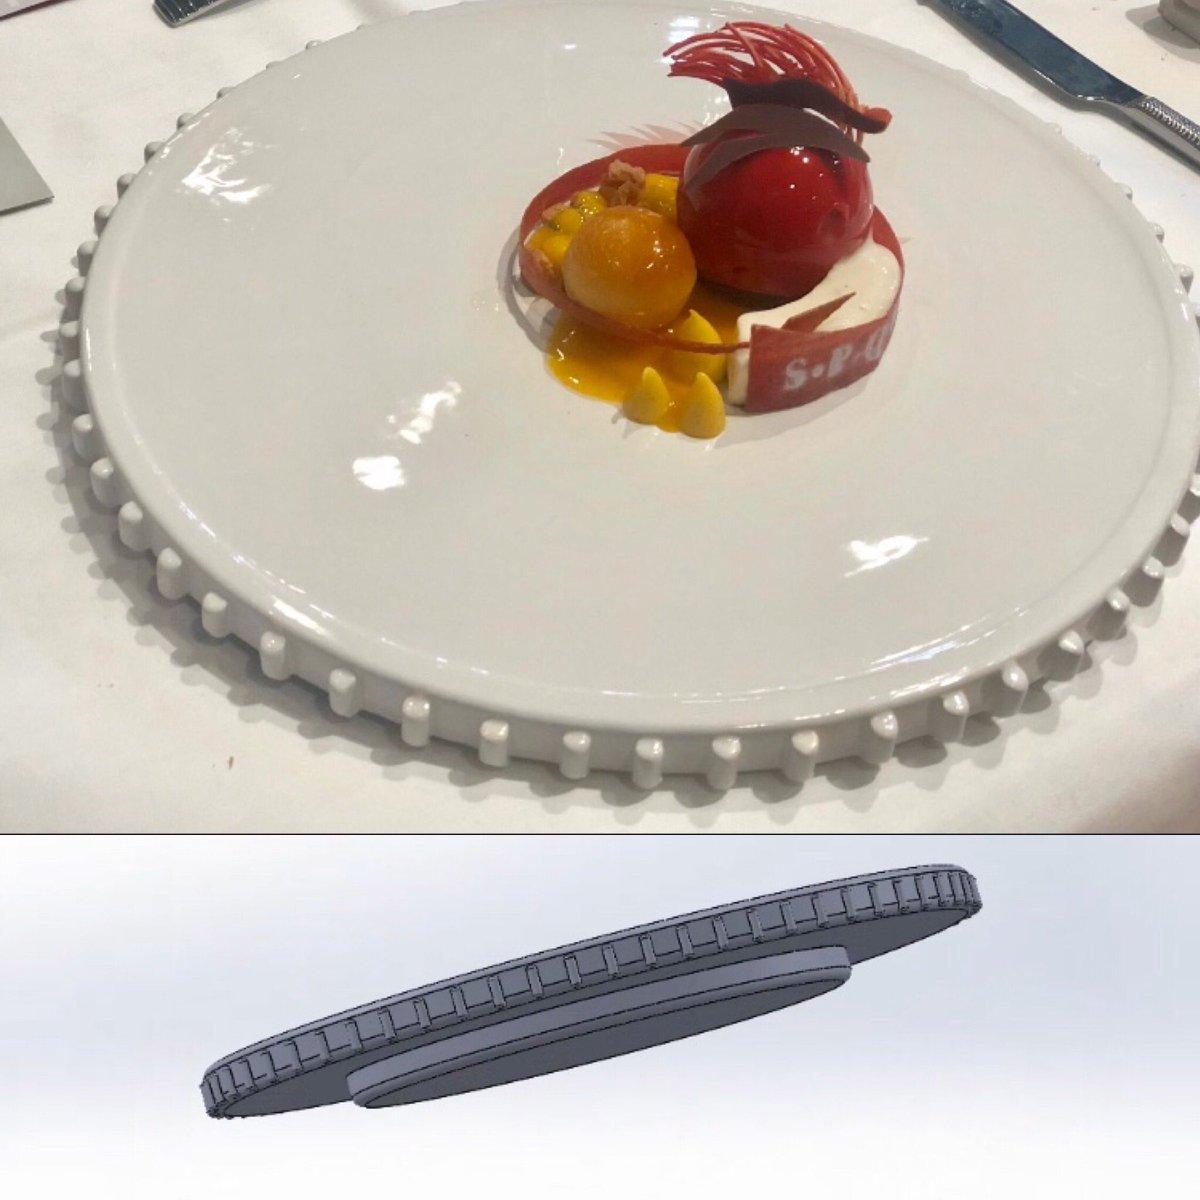 #gladiatori #ritaammeg #chef @antonio_delloro si ispira all'elmo dei gladiatori per realizzare un piatto da podio! #talento #restaurant #cook #olimpiadi2020 #sweet